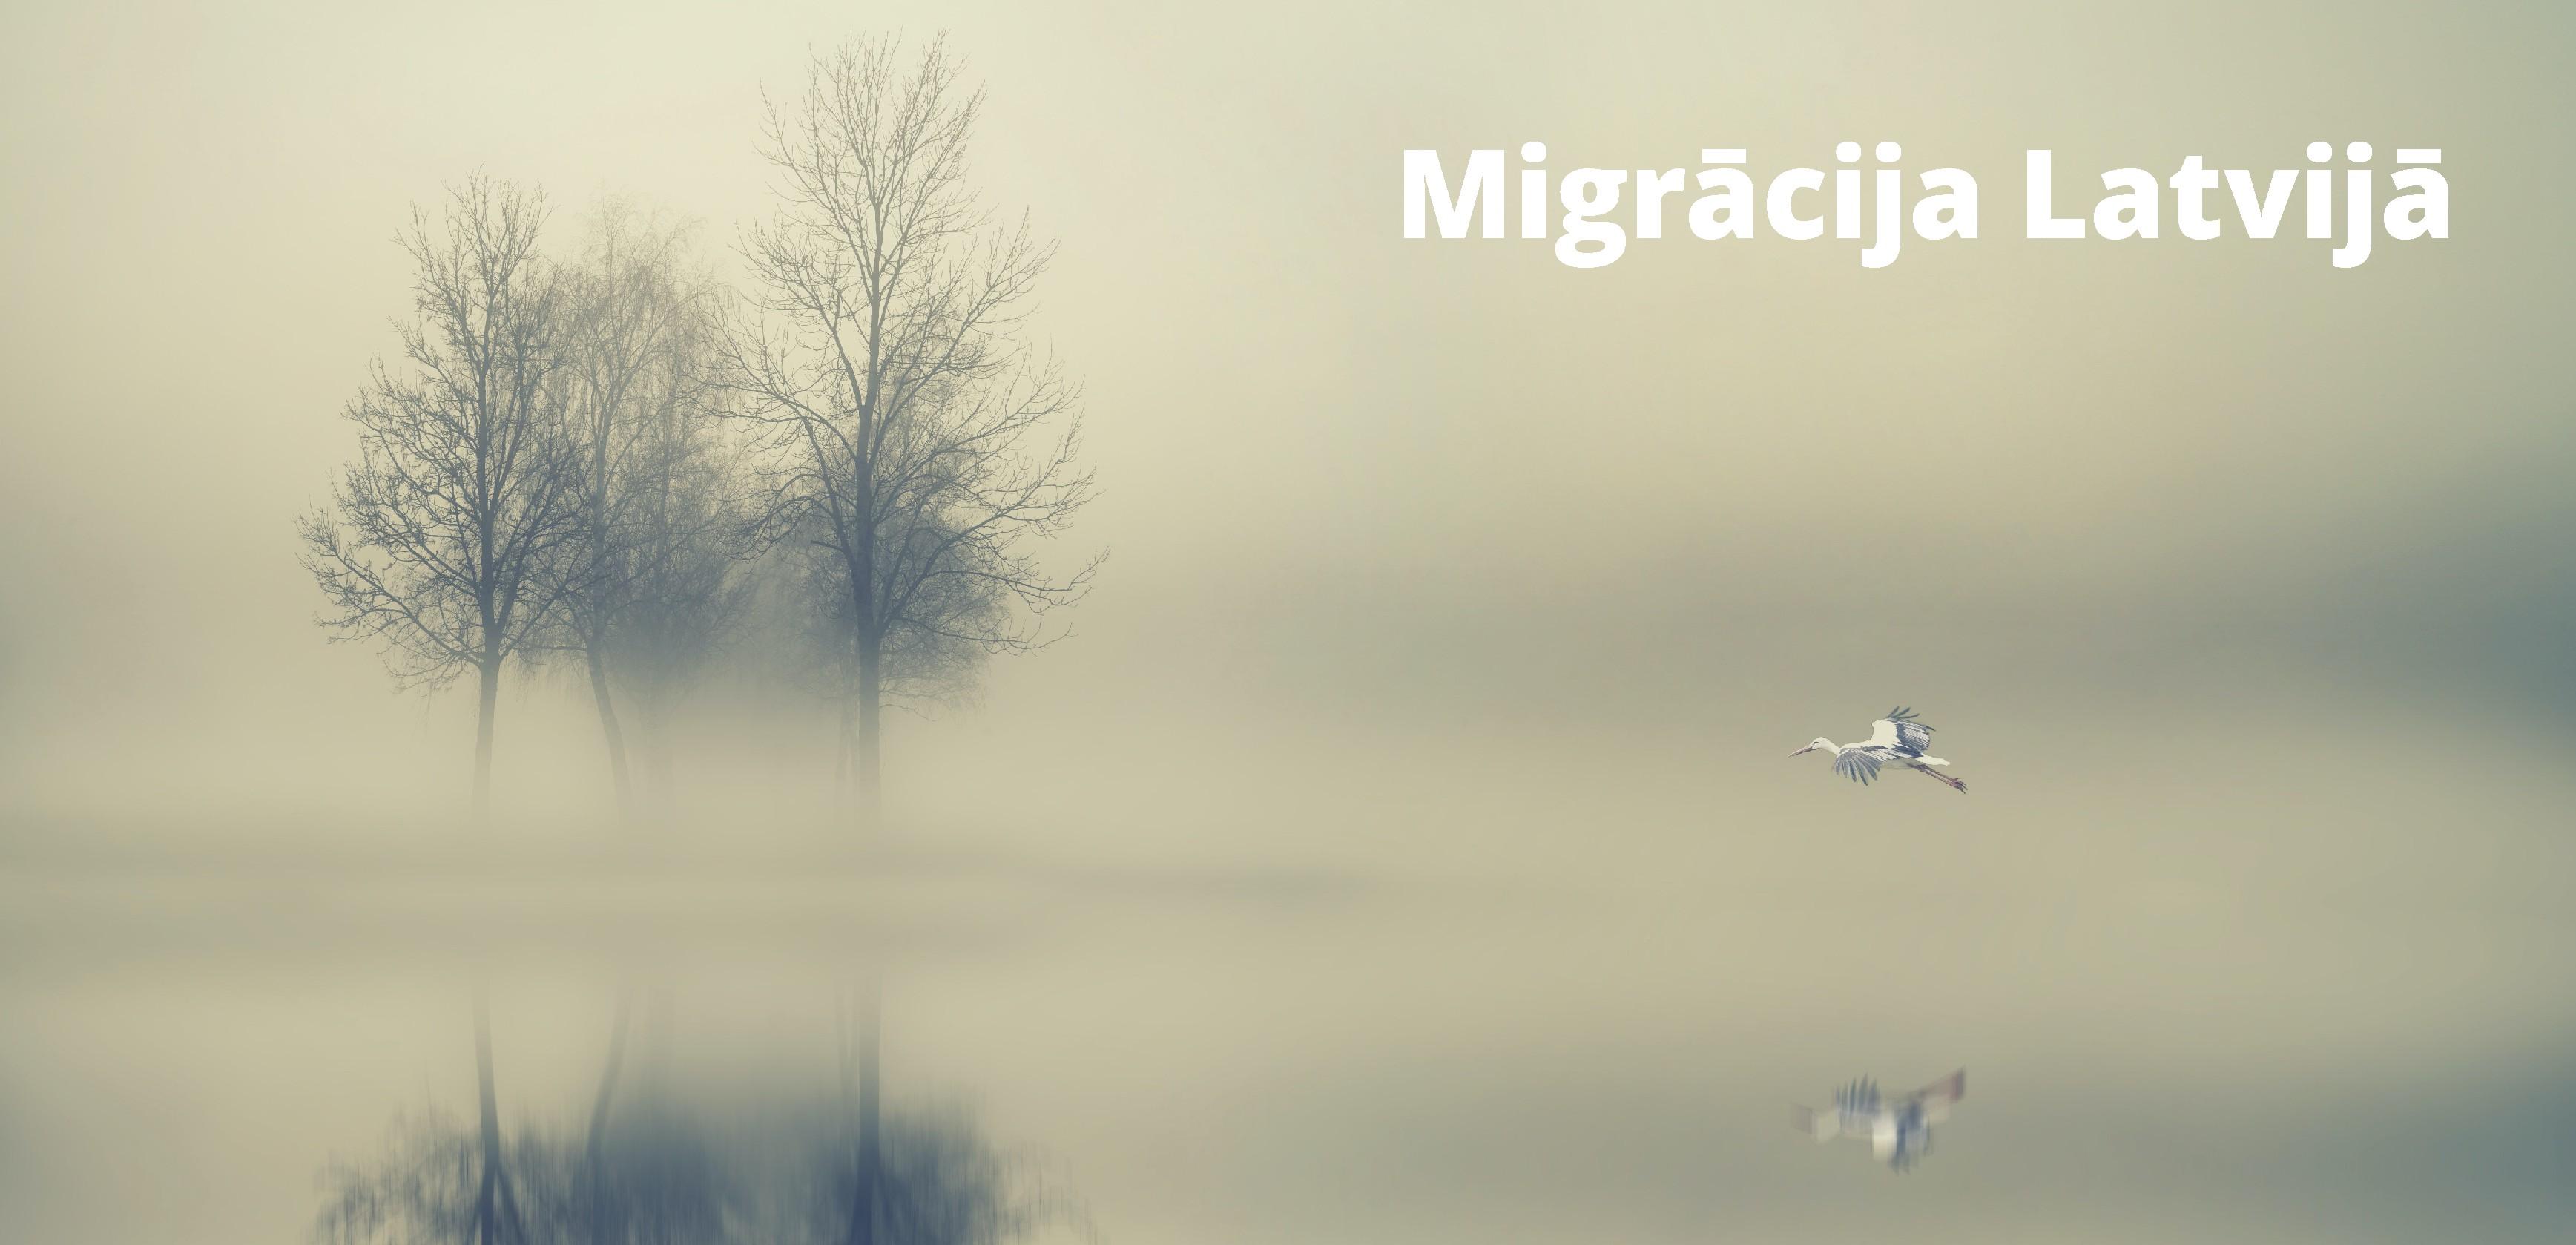 Saite uz vizualizācijas rīku Migrācija Latvijā